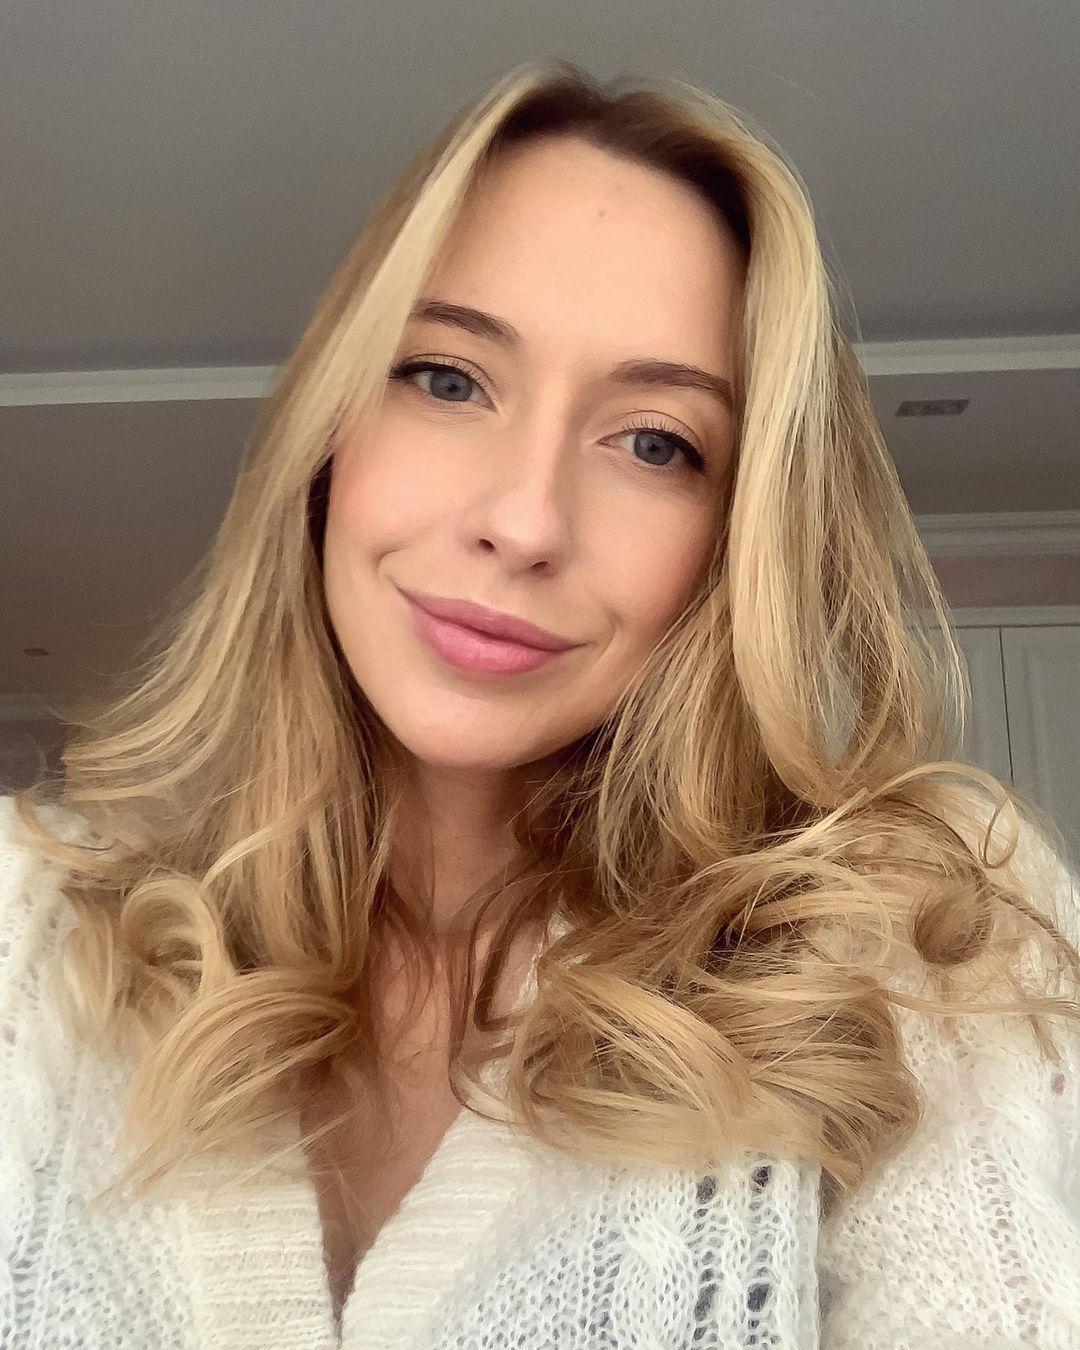 Жена Караваева - Инна Караваева